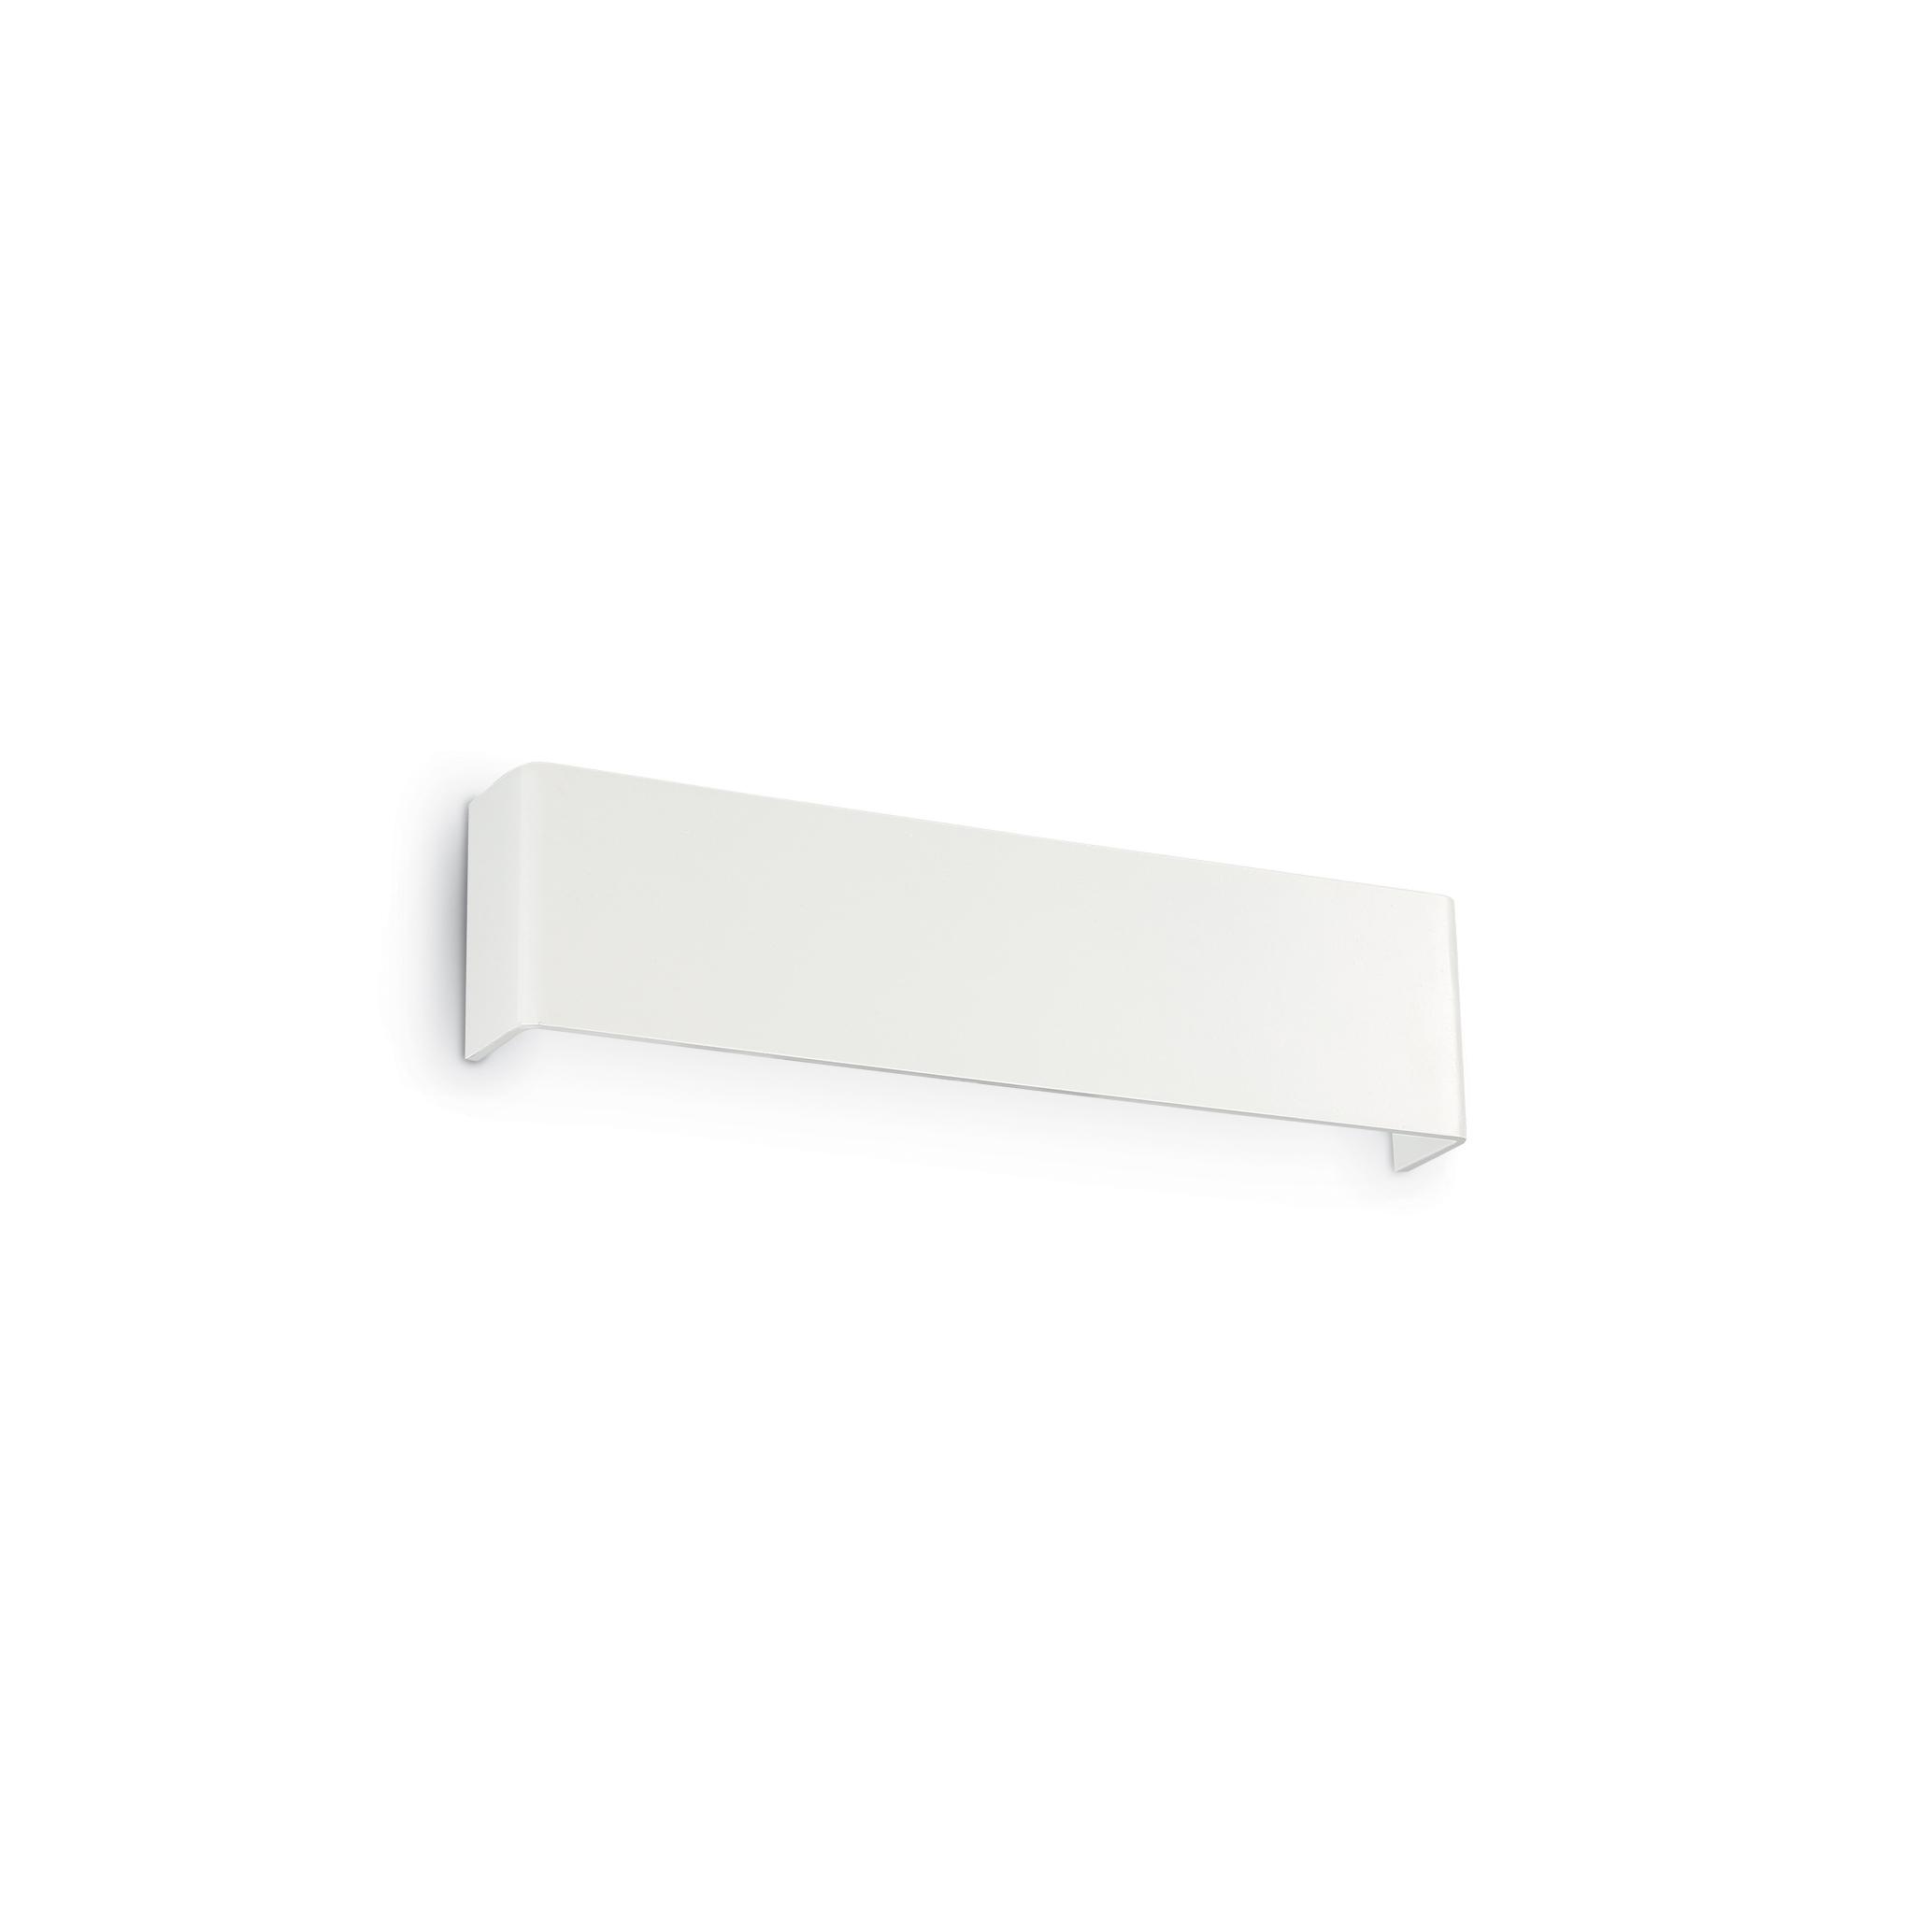 Aplica Bright AP84 White